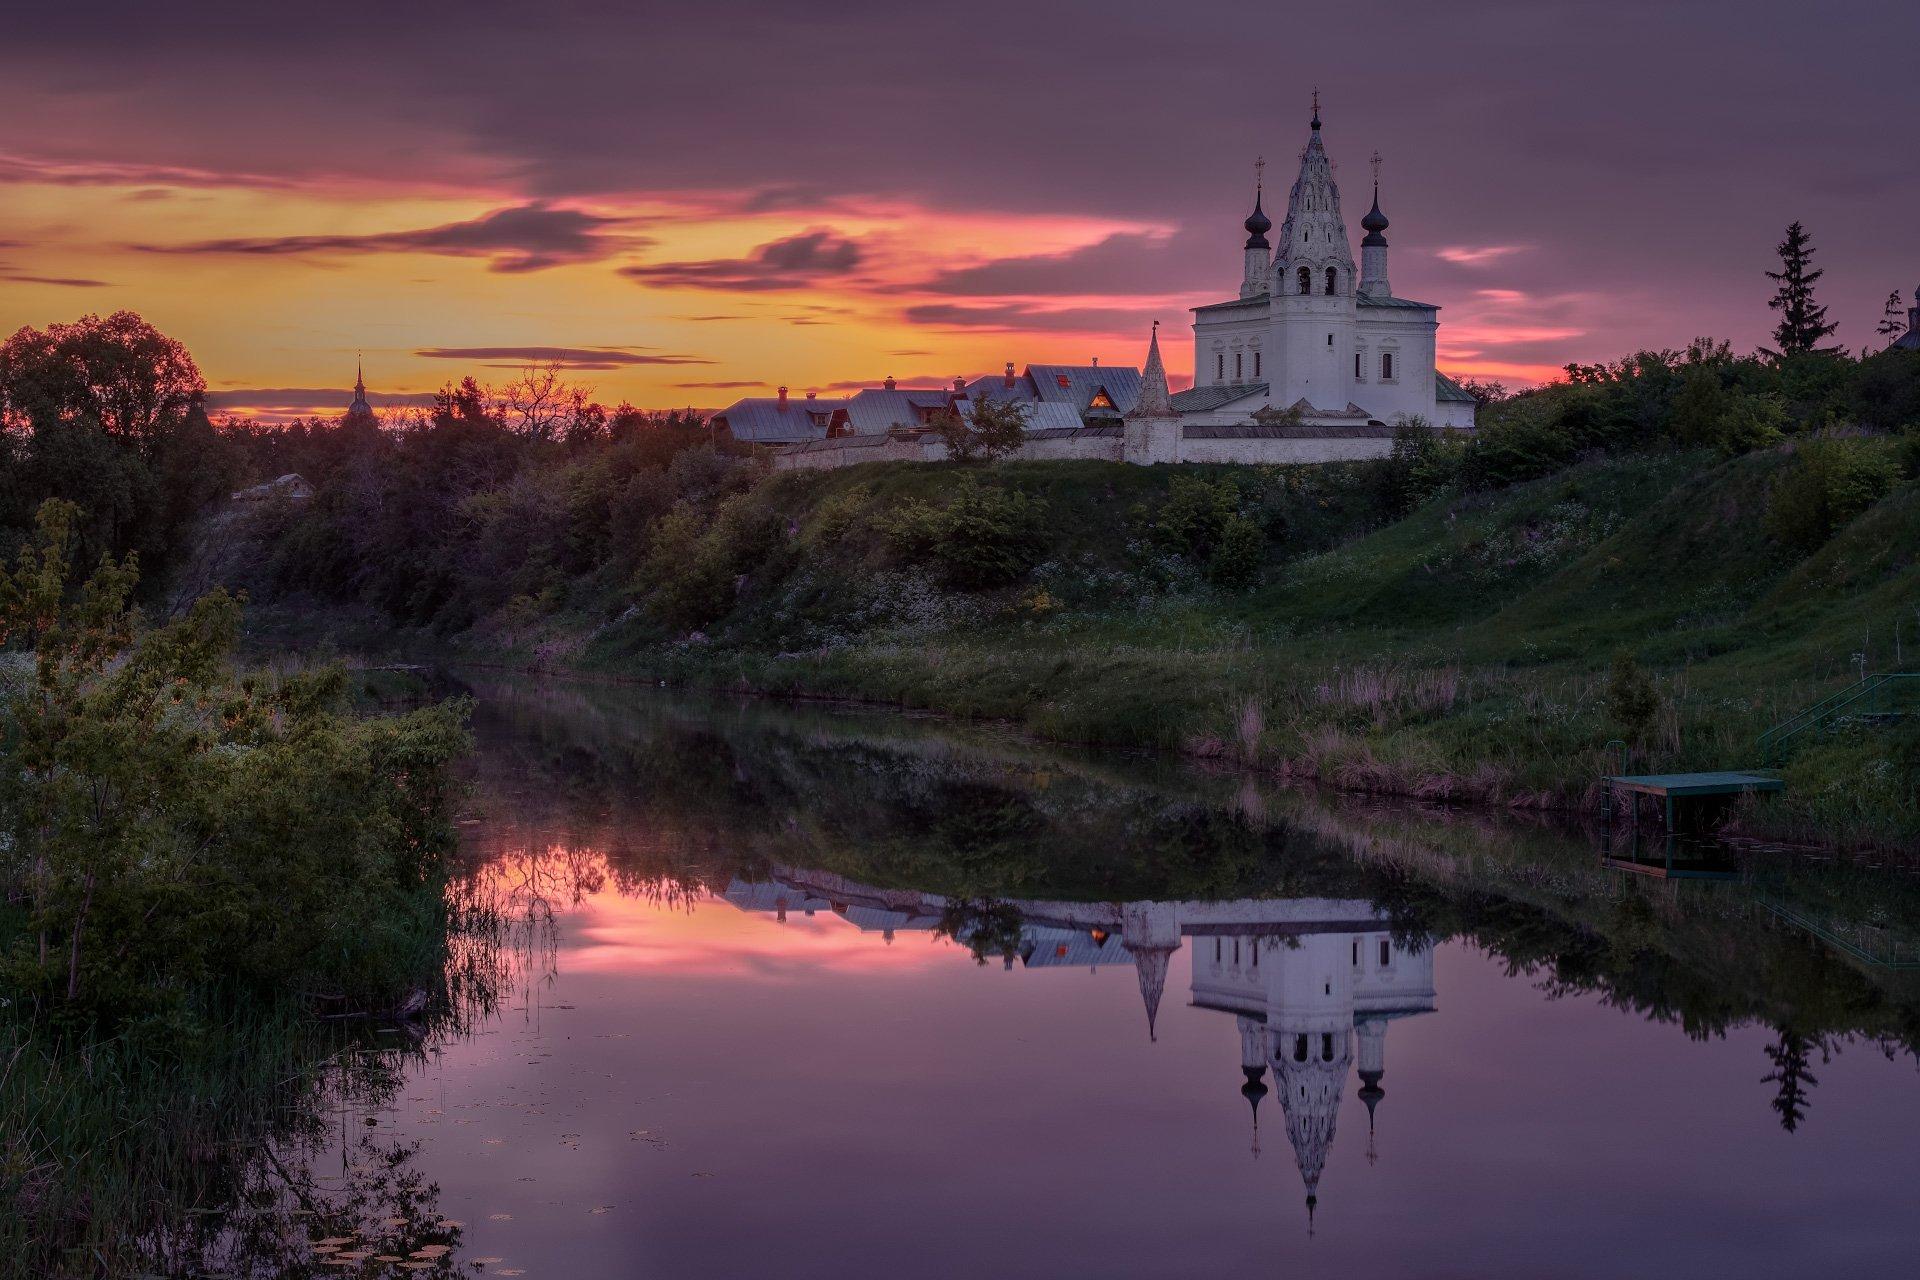 пейзаж, природа, суздаль, церковь, храм, рассвет, заря, река, каменка, Андрей Чиж